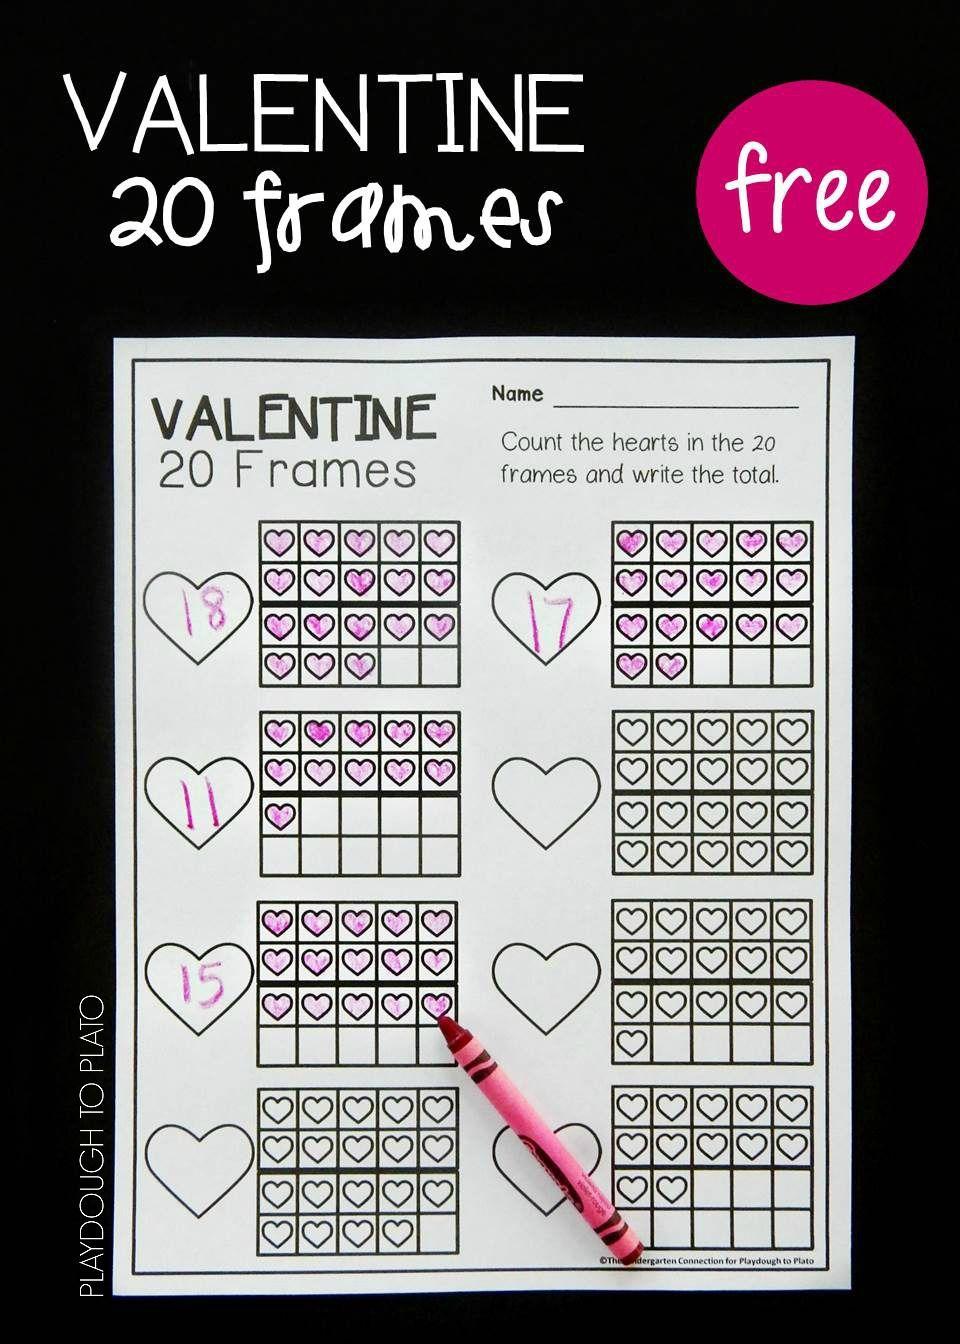 Valentine Twenty Frames | Actividades matemáticas, Aprendizaje y ...